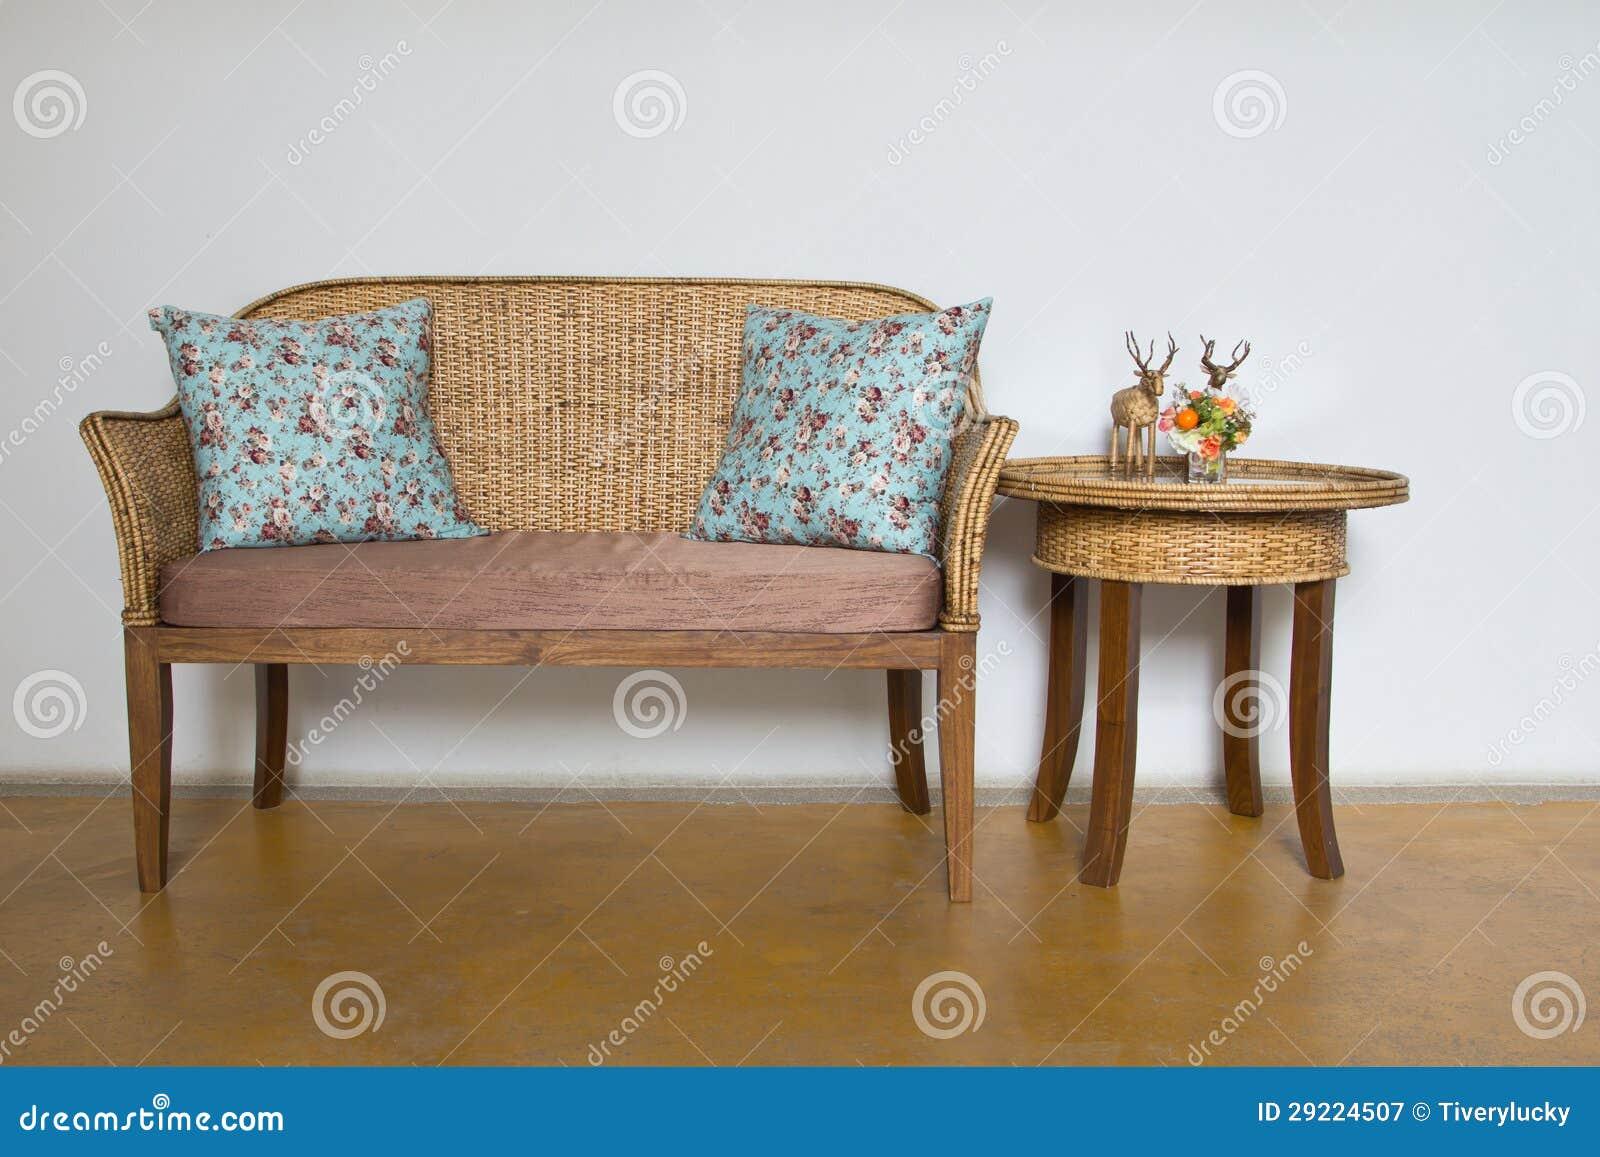 Mueble Mimbre Excellent Muebles De Mimbre With Mueble Mimbre  # Muebles Junco Santo Domingo